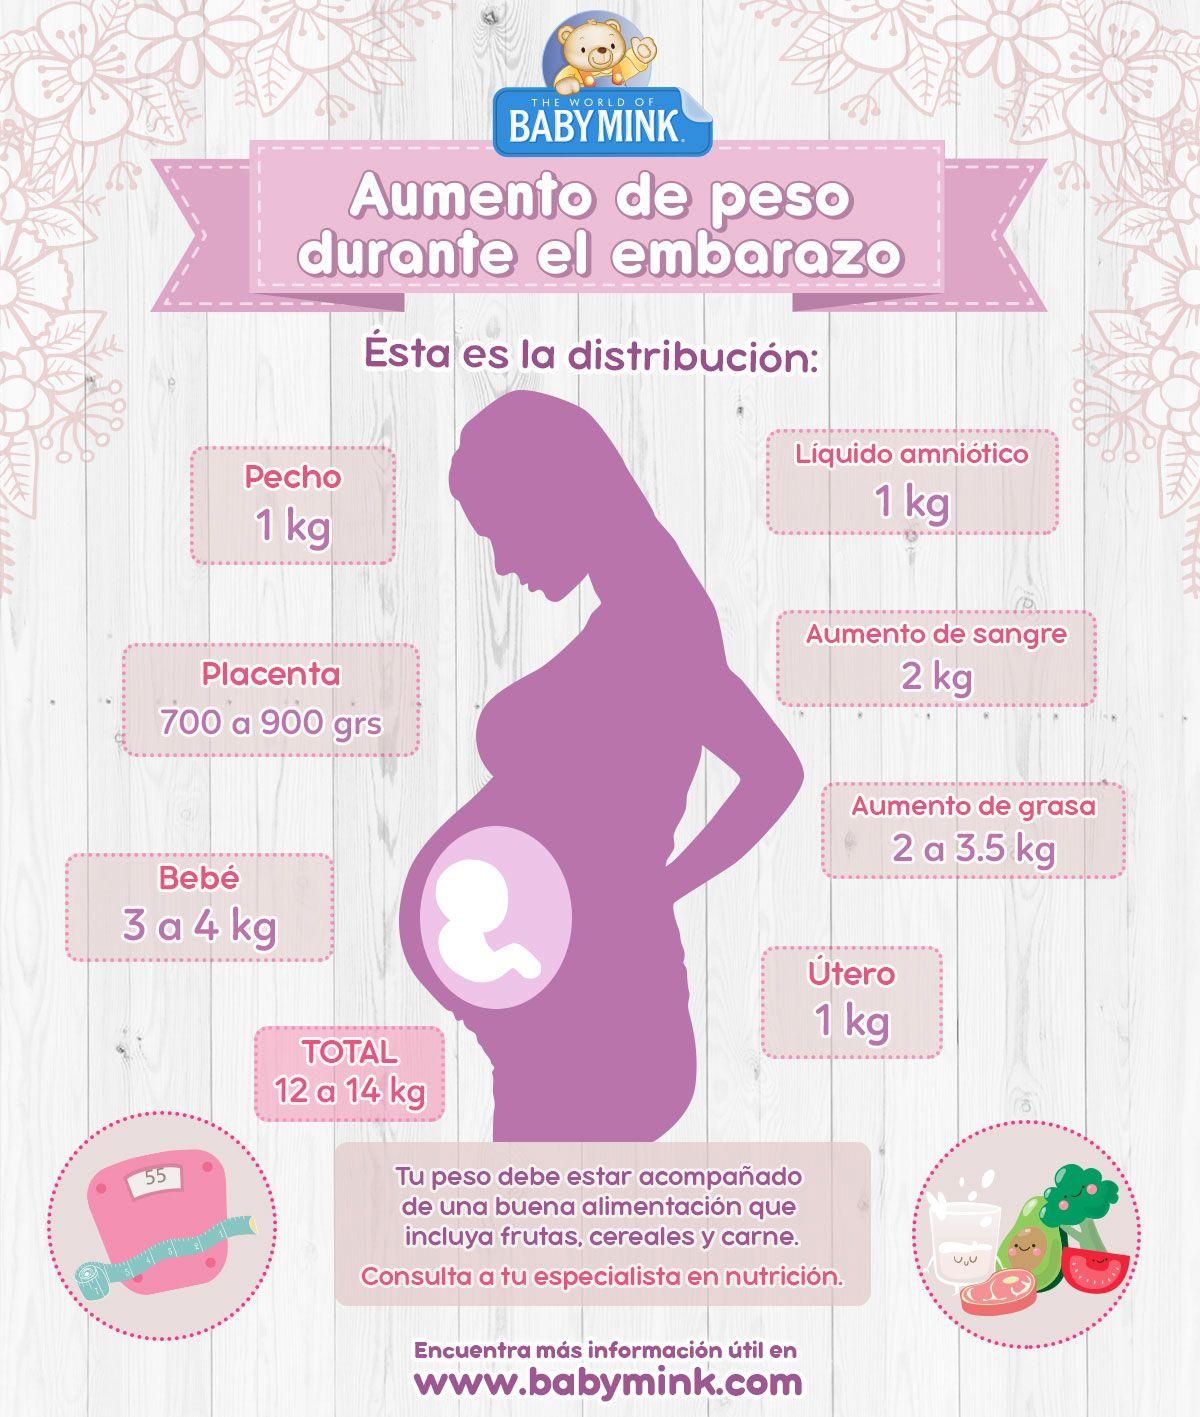 Distribución del peso adquirido durante el embarazo, ¿Cómo